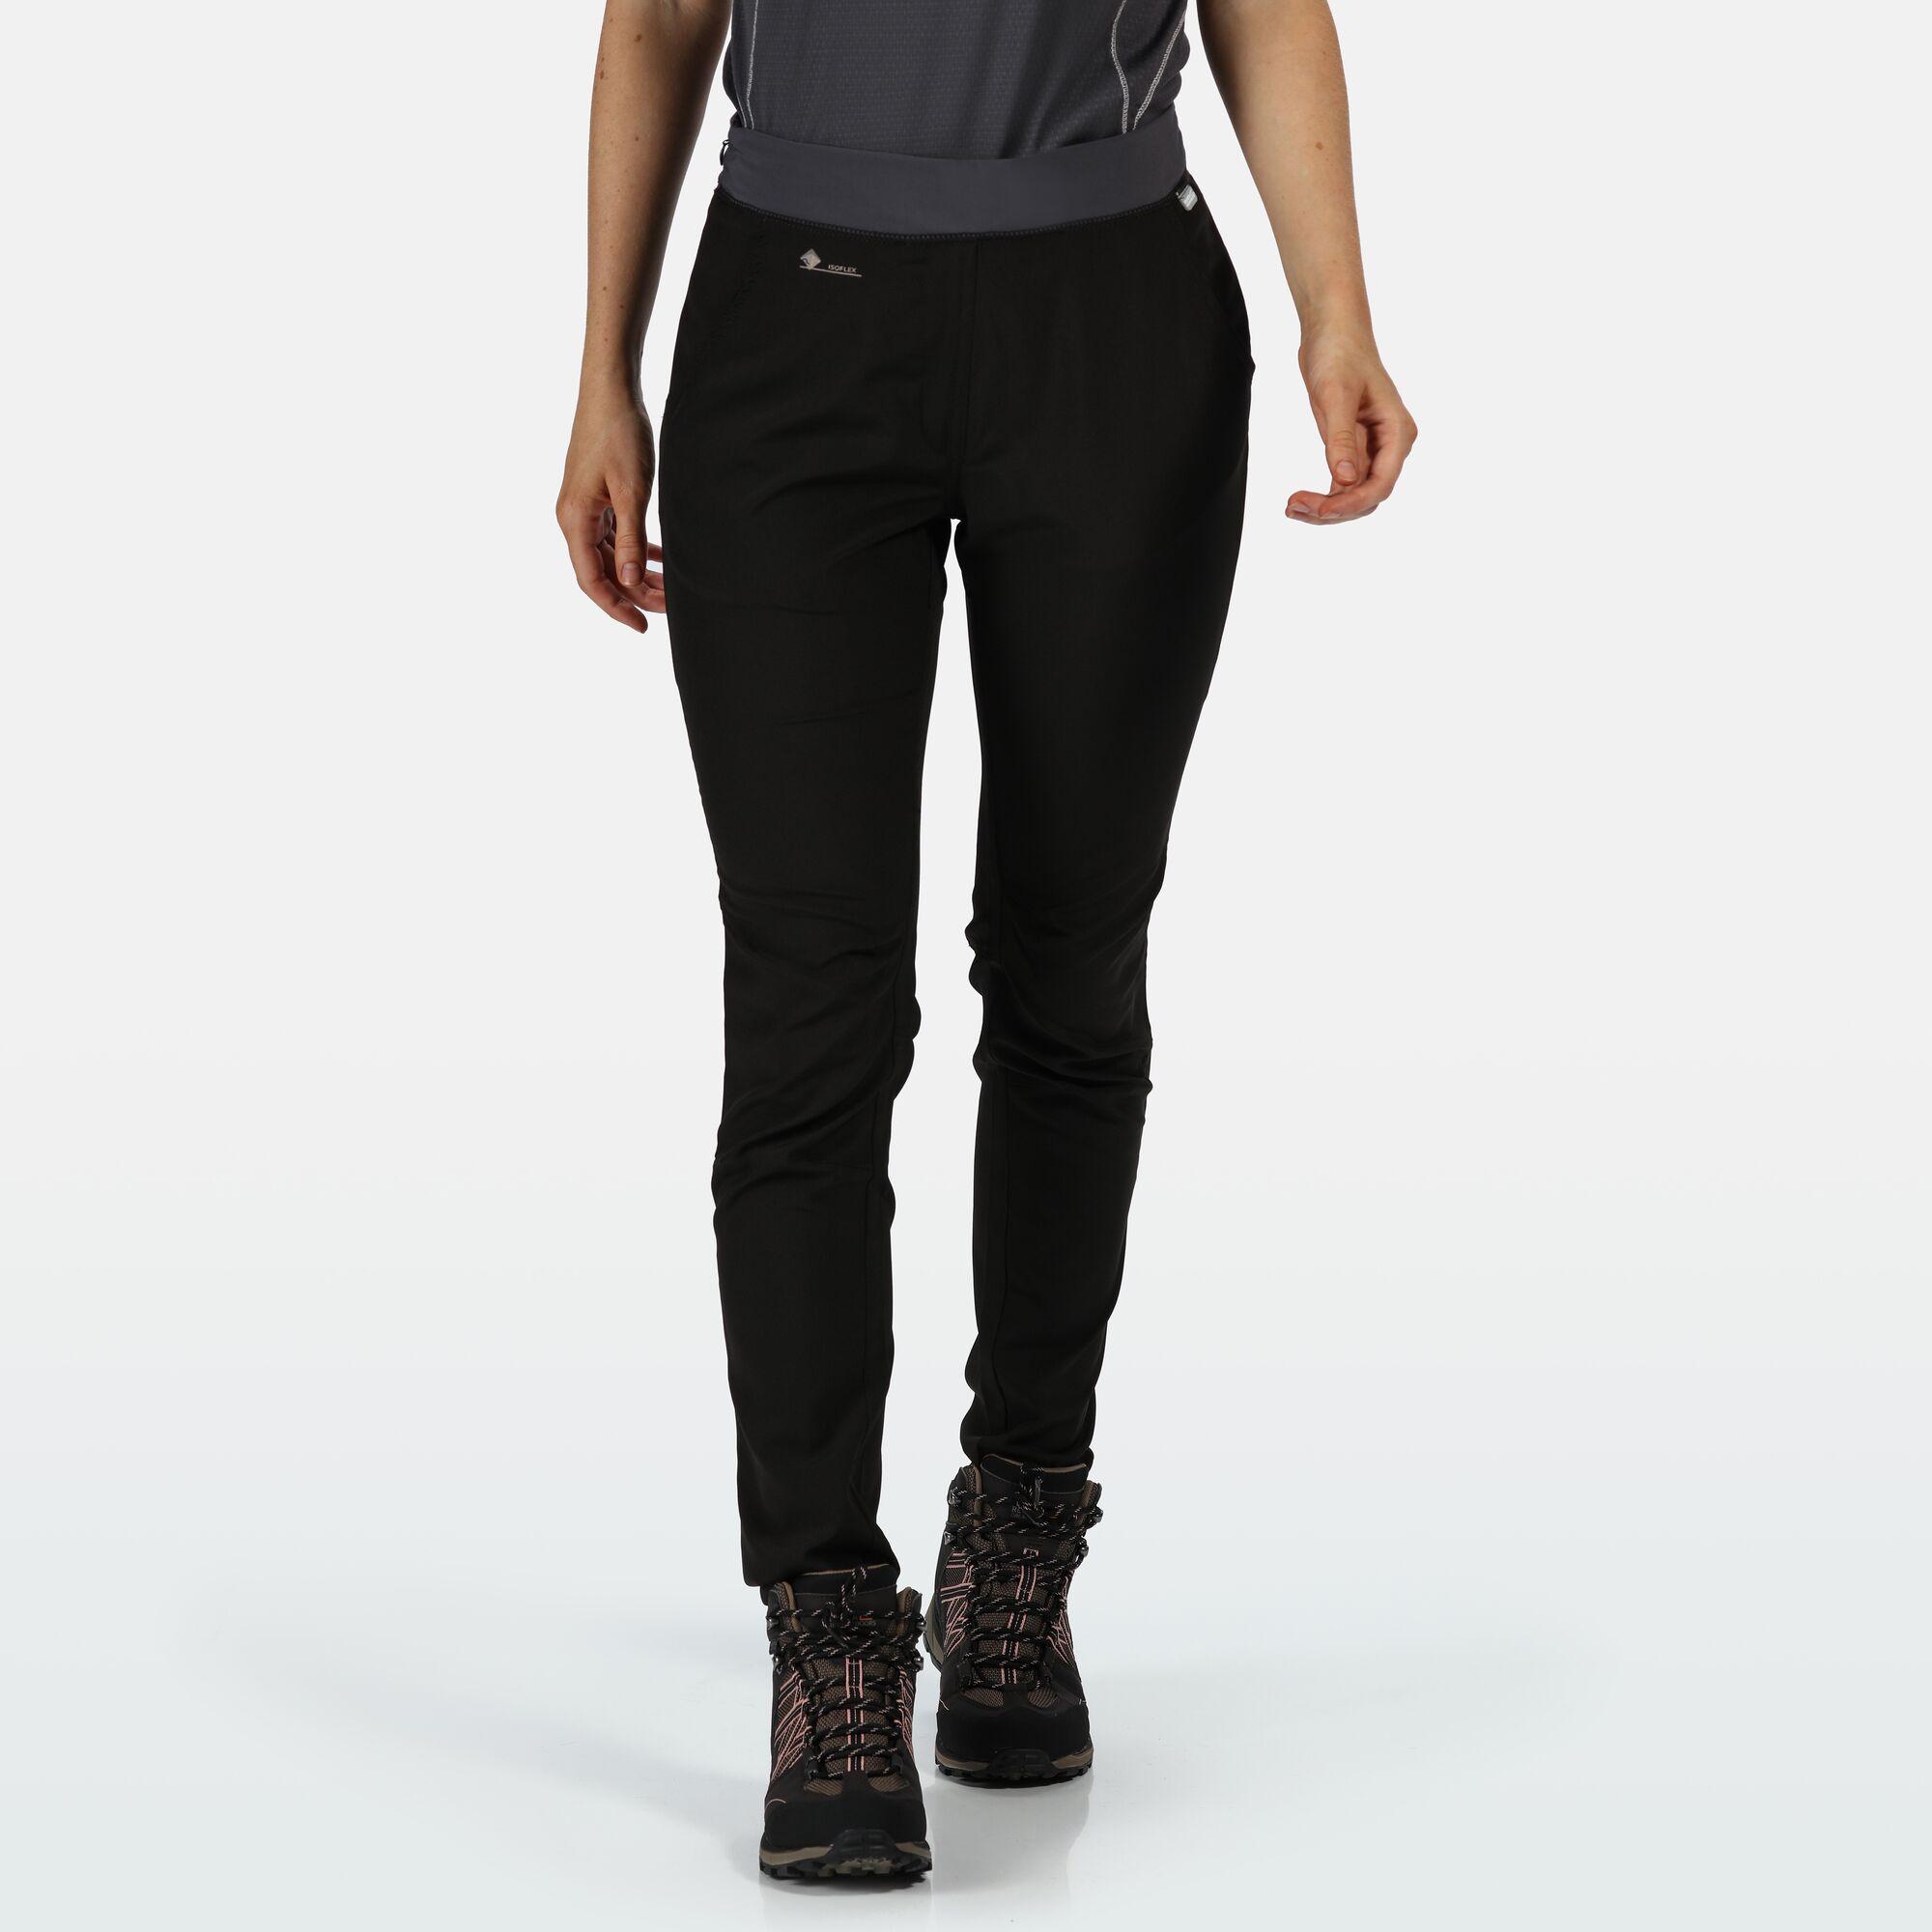 Women's black hardwearing trousers.